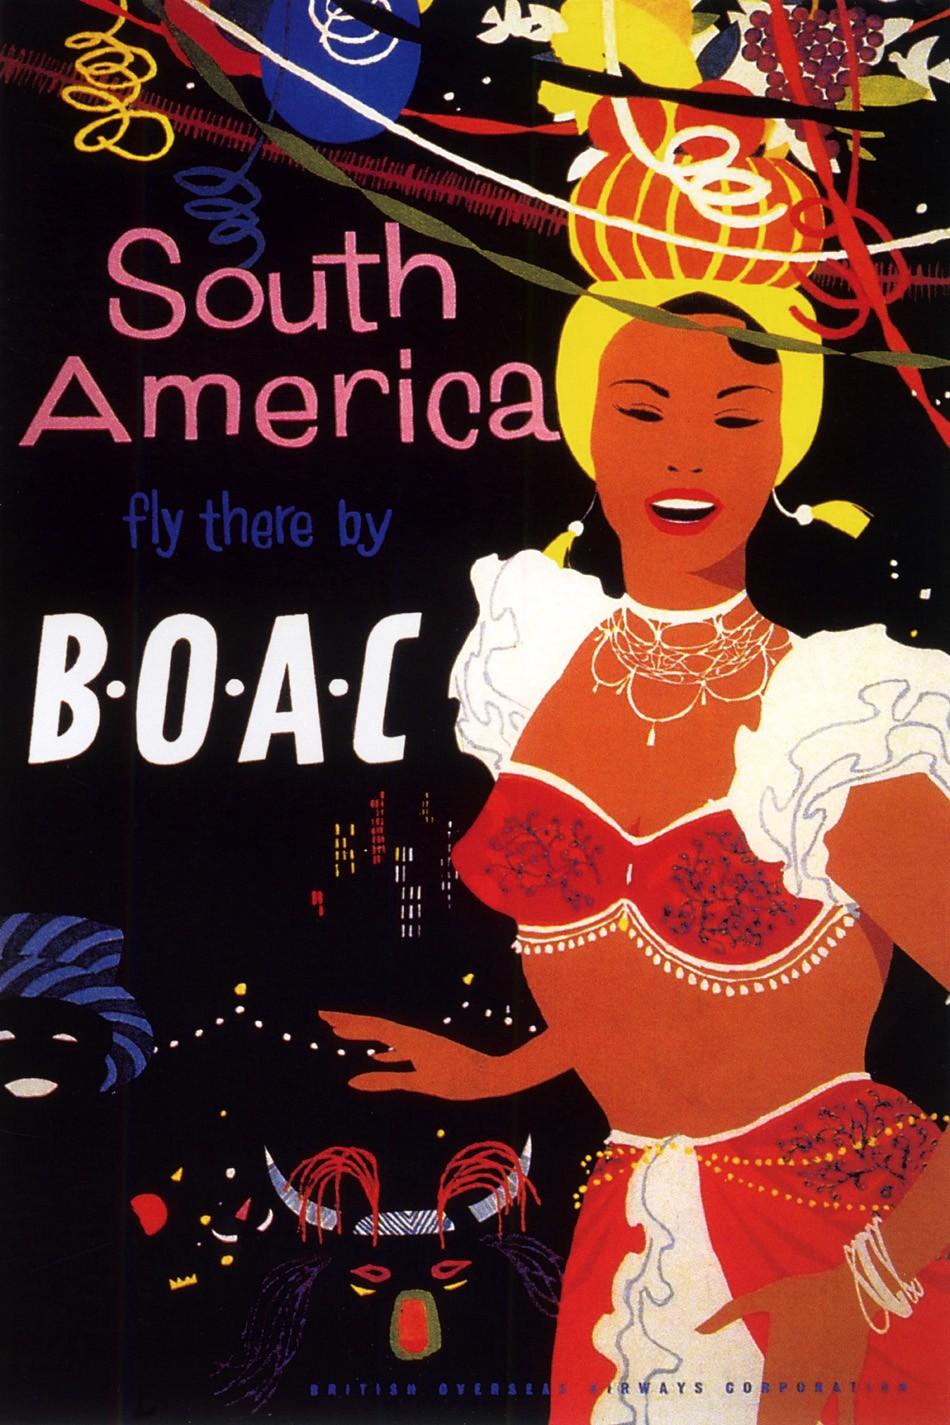 Foto 1 - America do Sul Brasil Carnaval Ferias Viagem Praia Vintage Cartaz Poster em Papel Matte